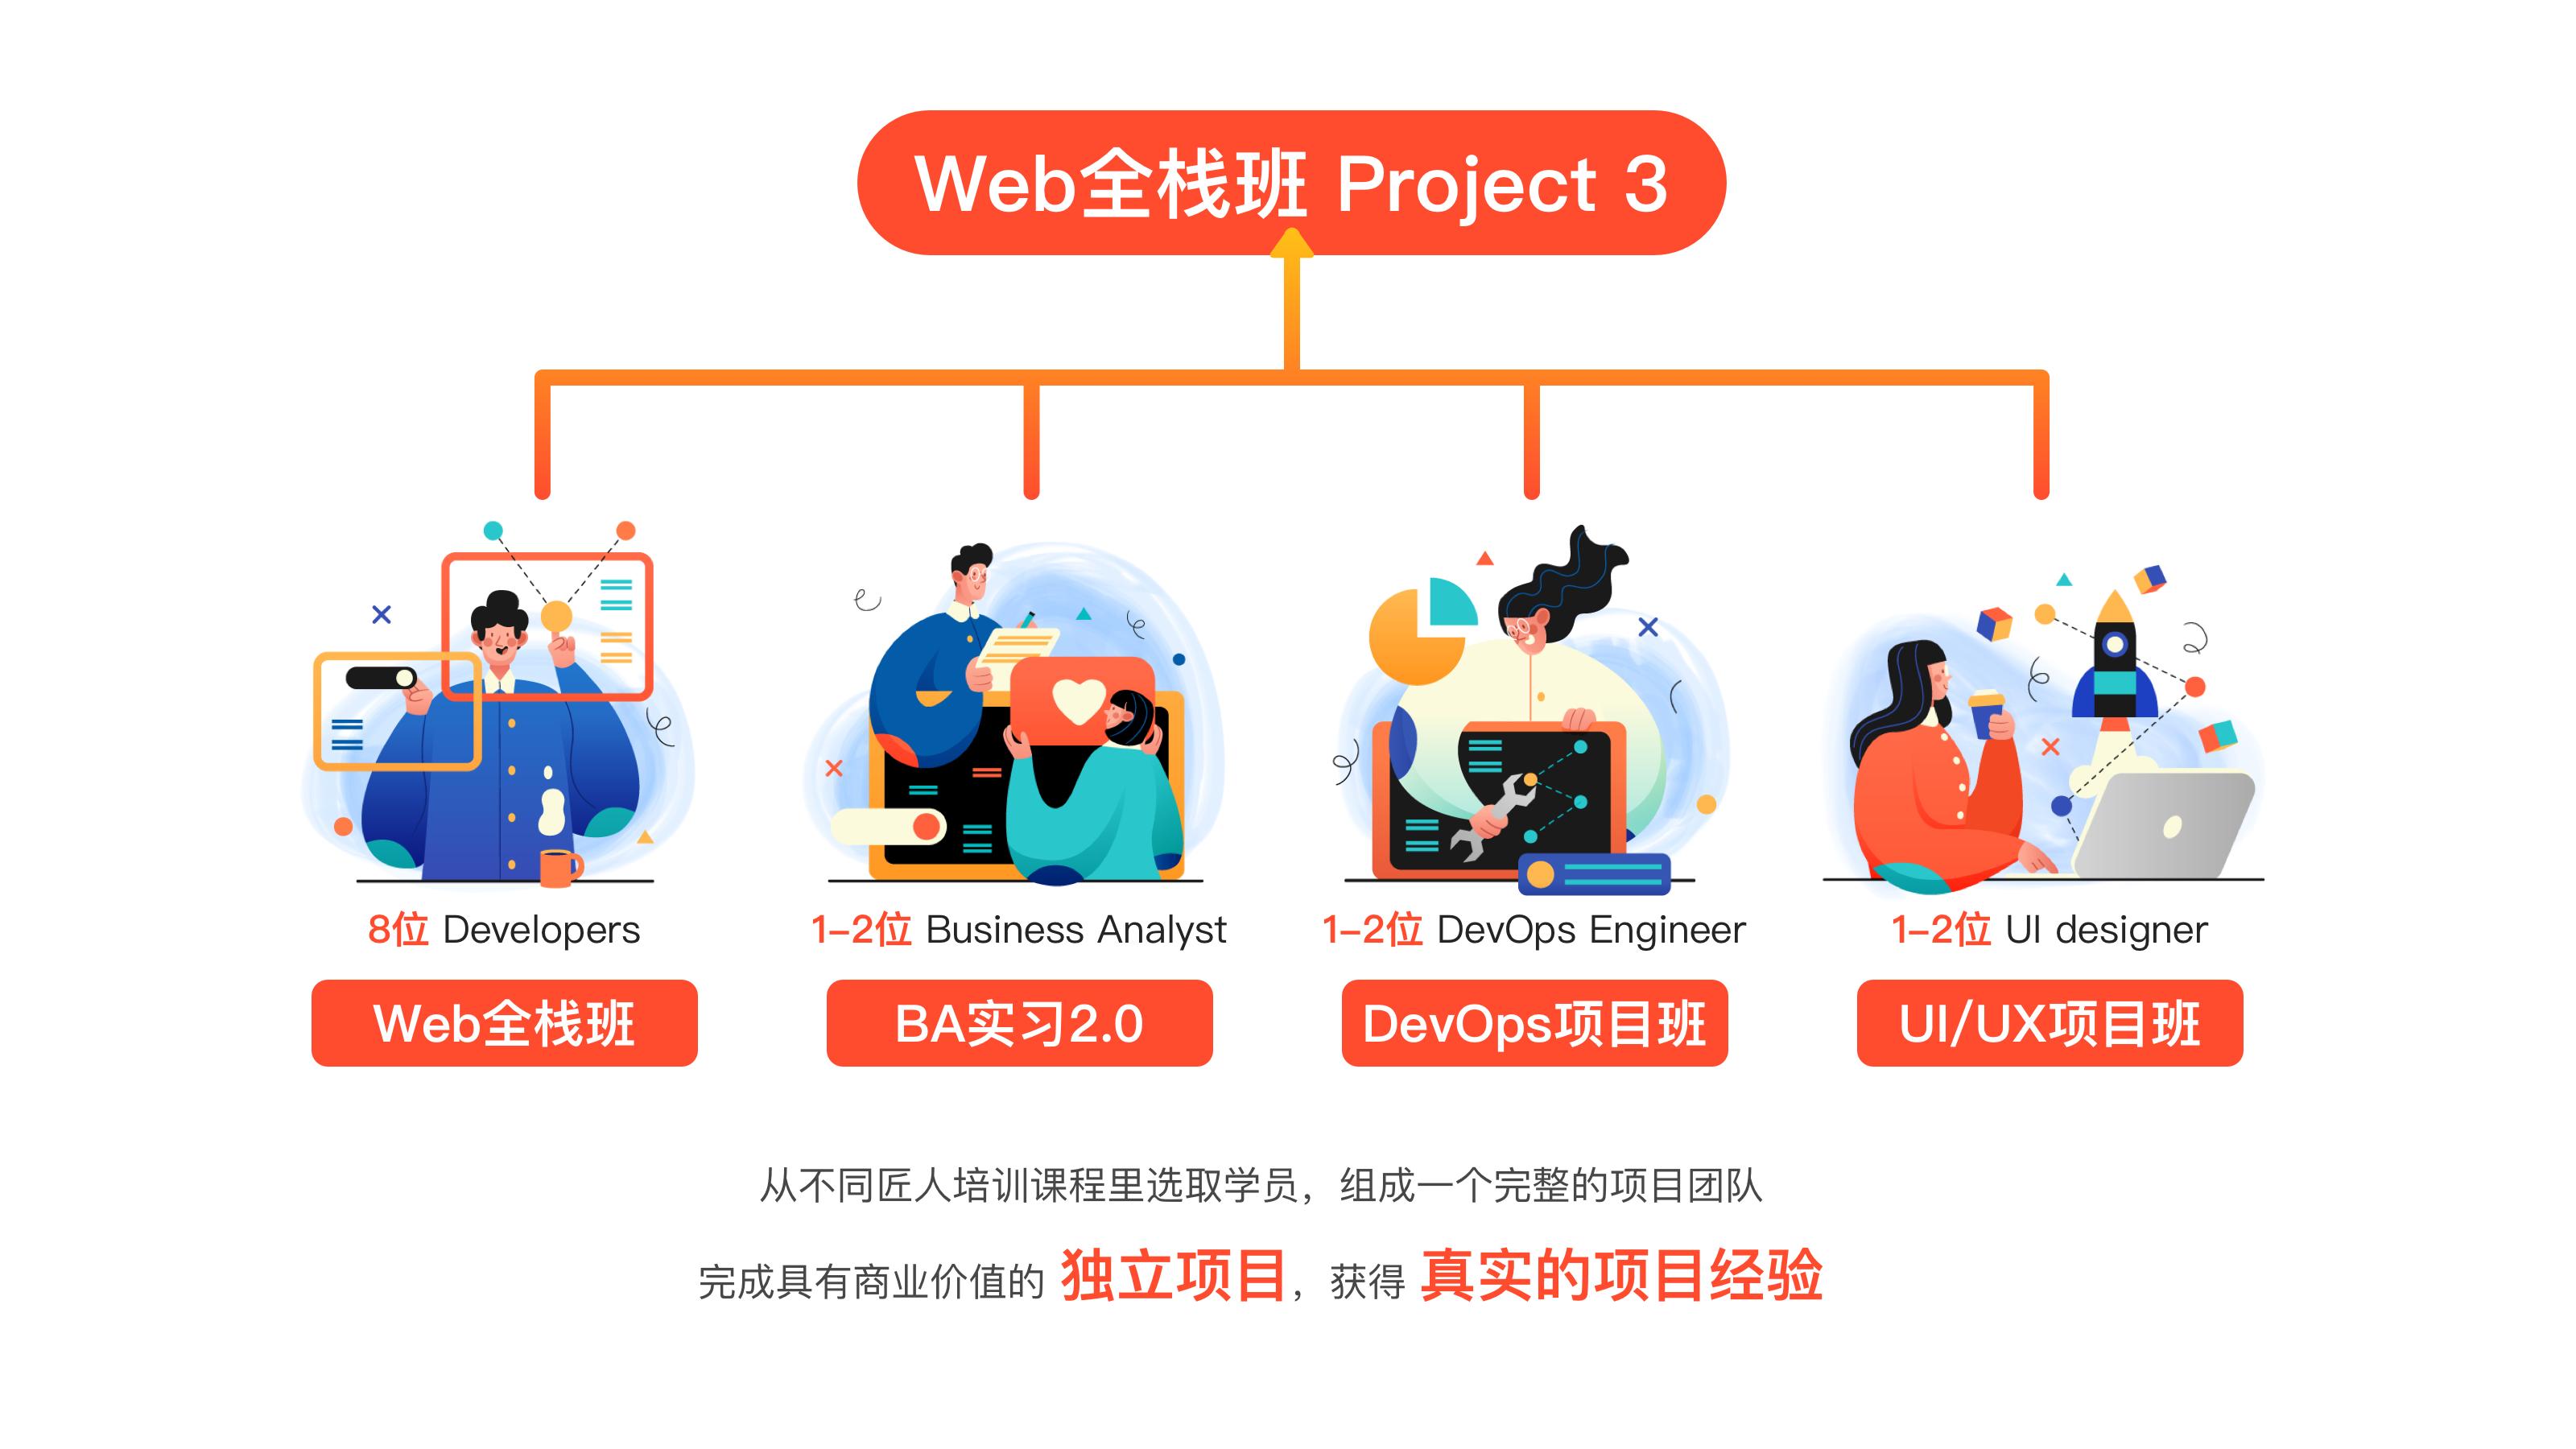 p3-project-description